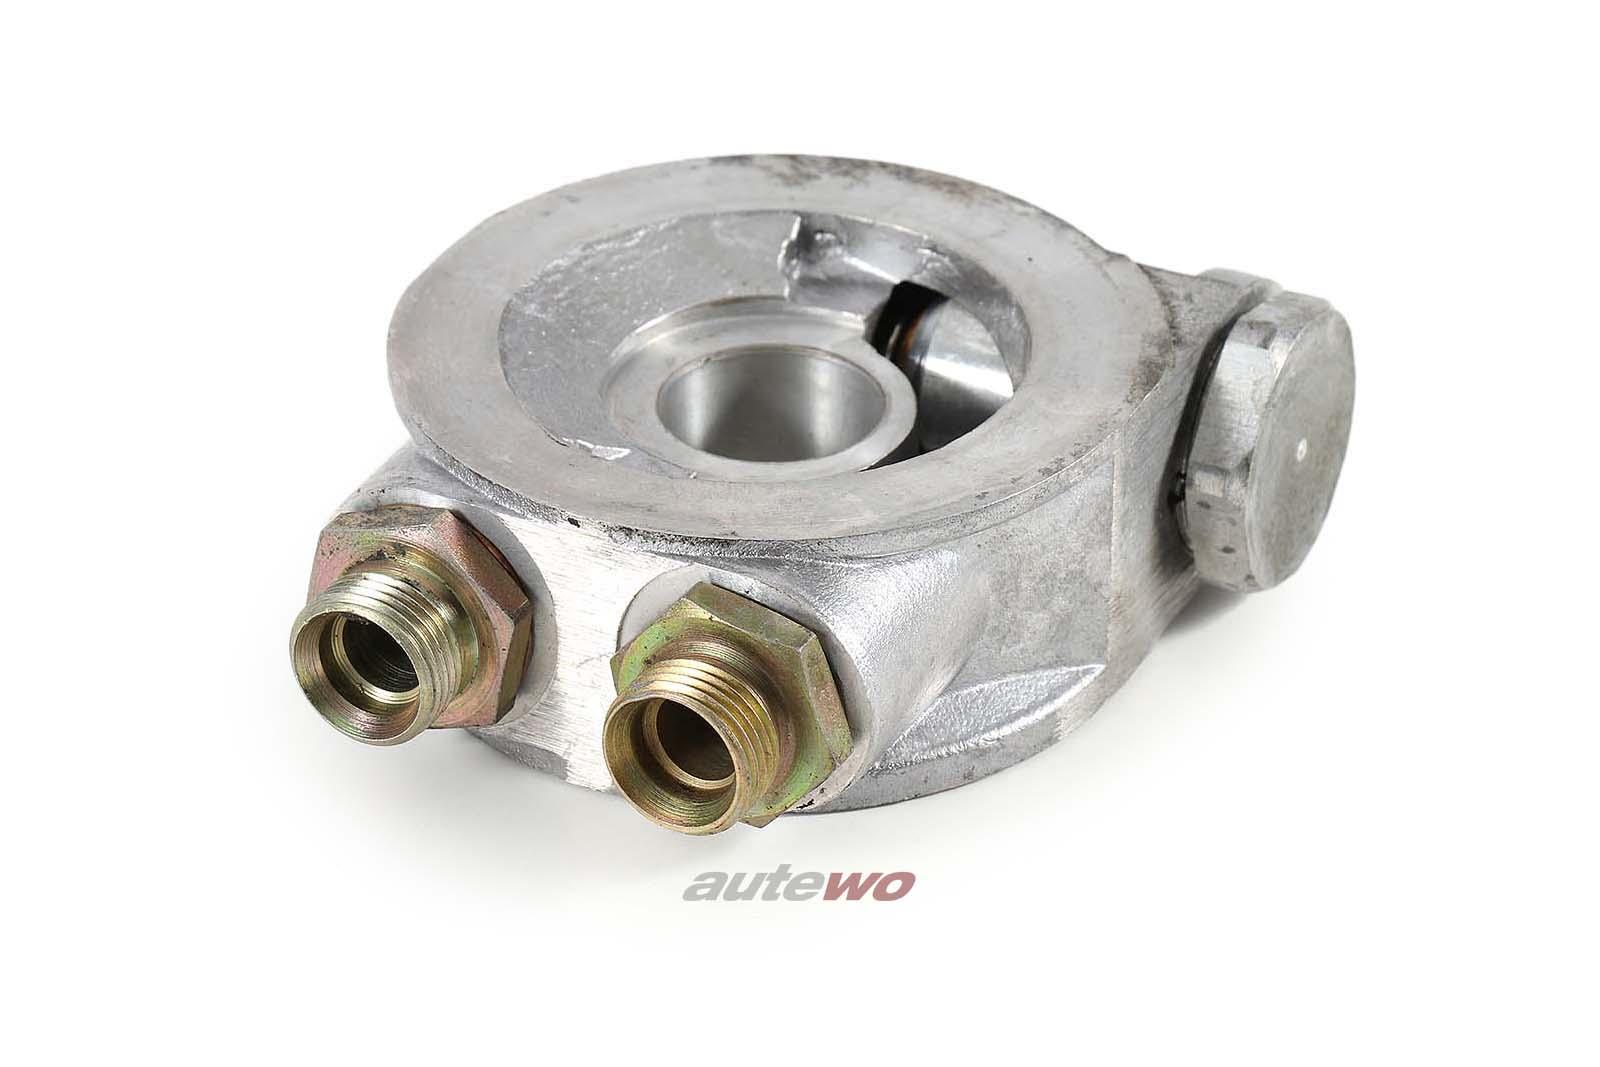 Mocal Ölkühler Adapterplatte/Anschlussflansch für Audi/VW Turbomotoren